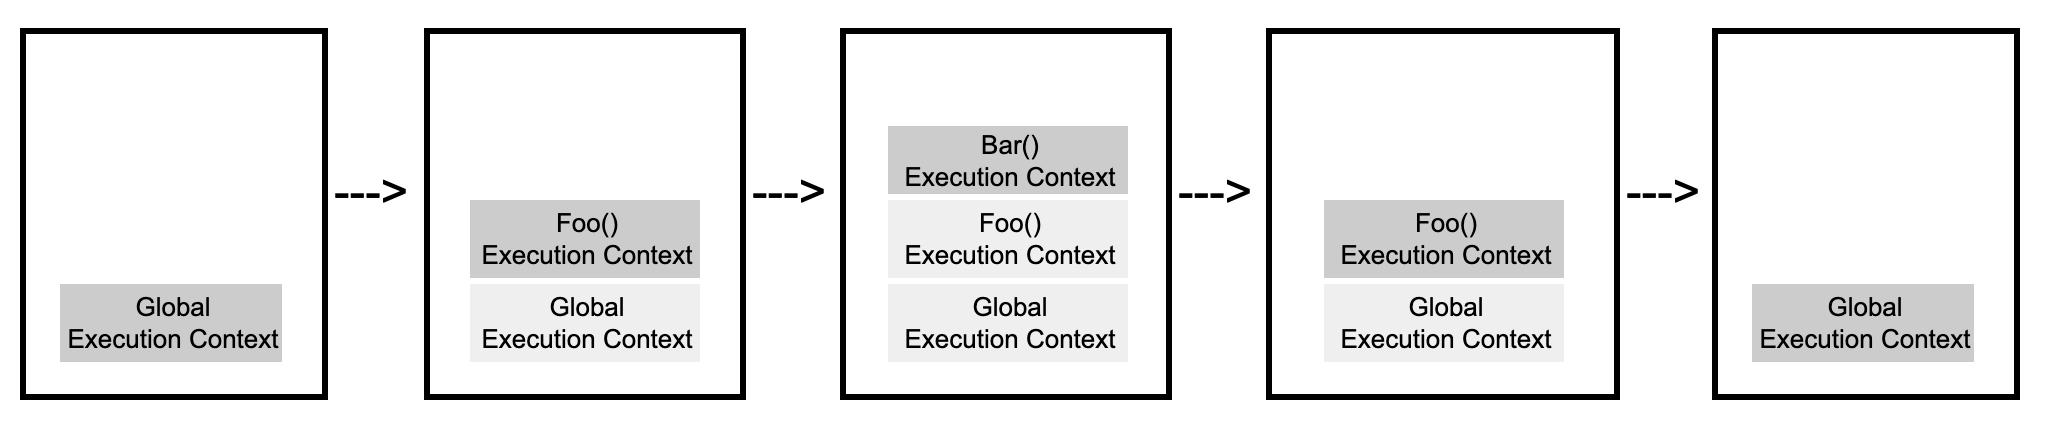 execution_context_stack_diagram